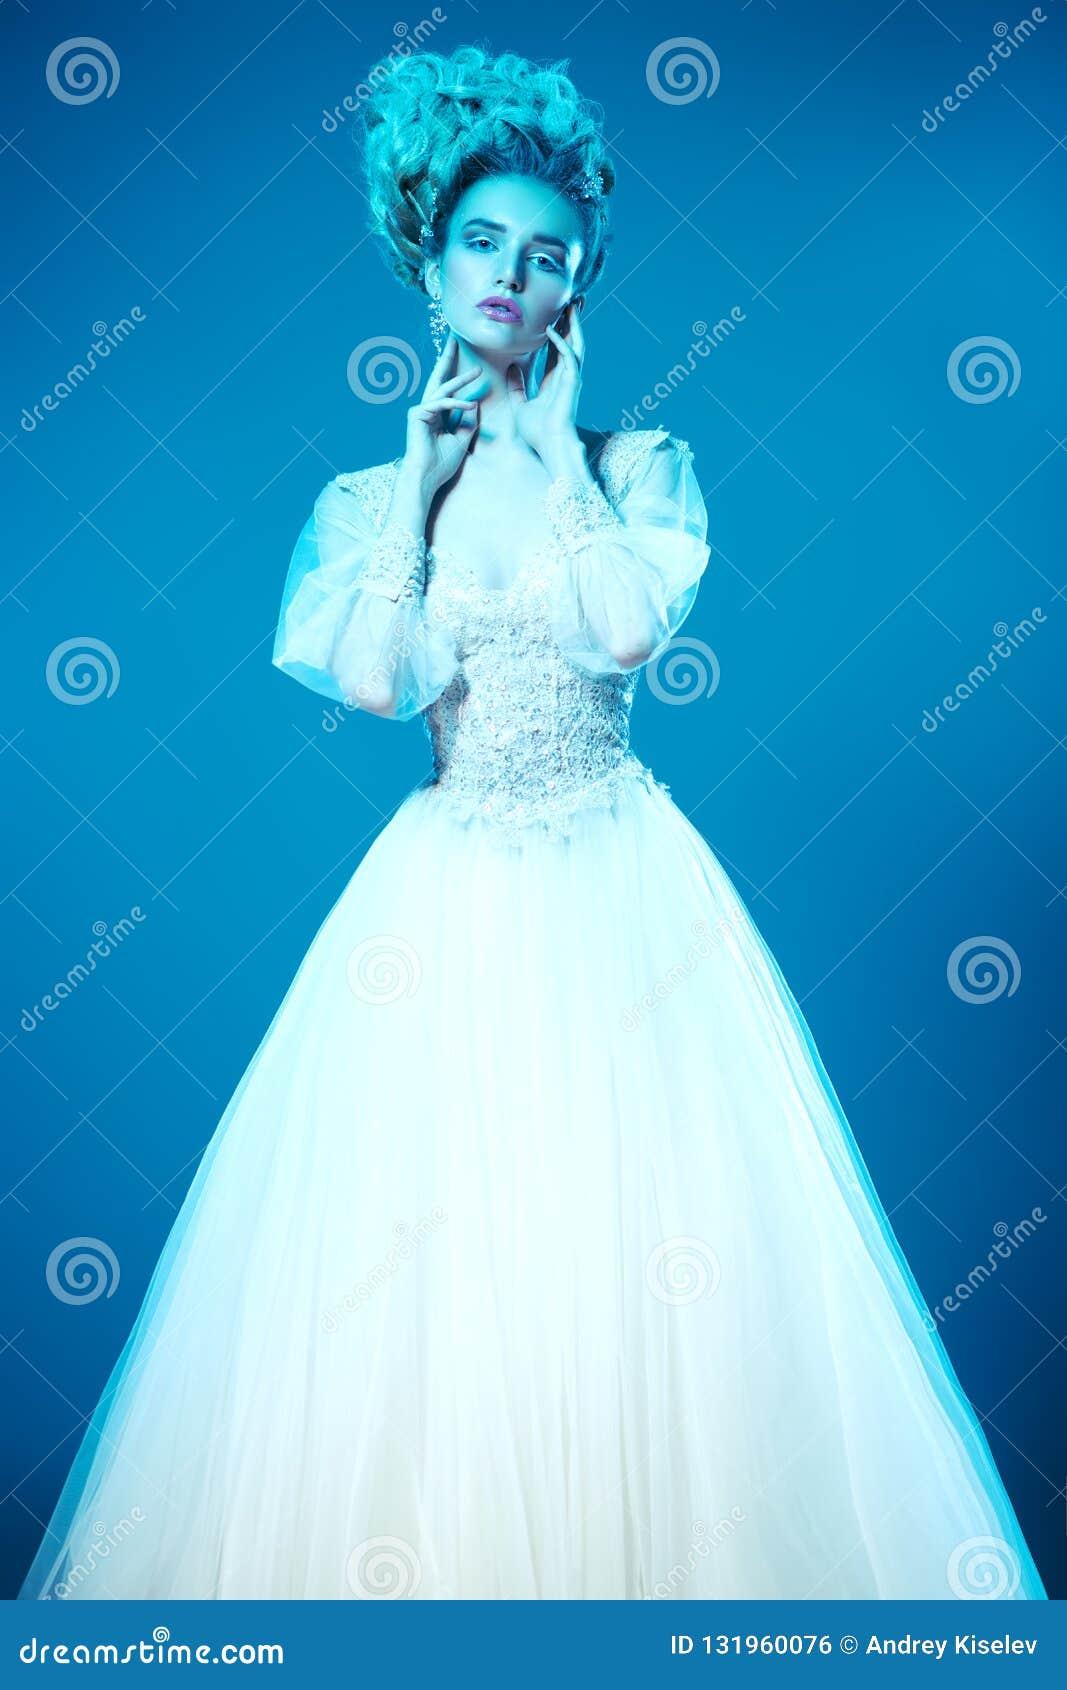 Posing in fluffy dress